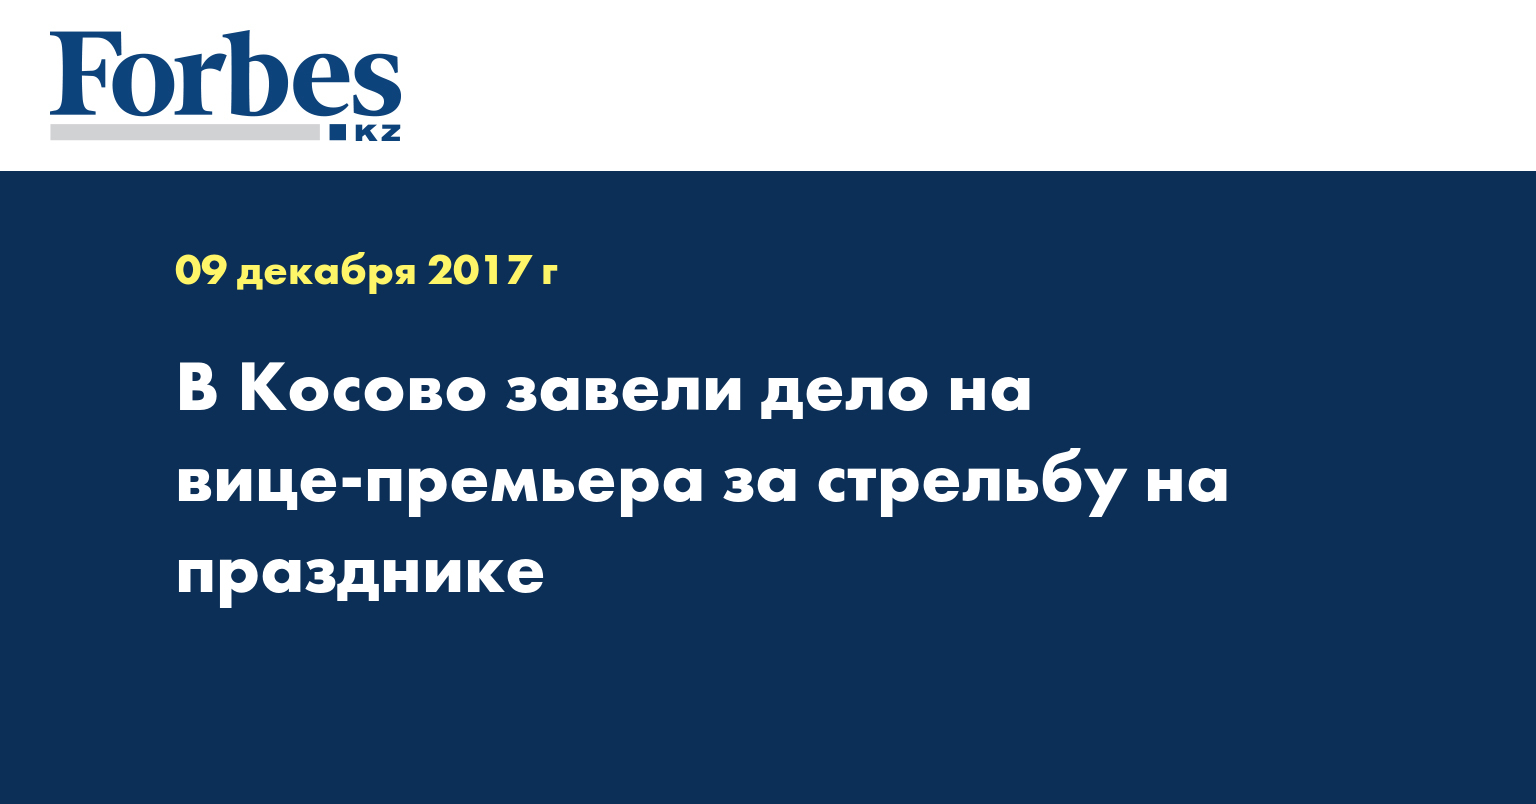 В Косово завели дело на вице-премьера за стрельбу на празднике